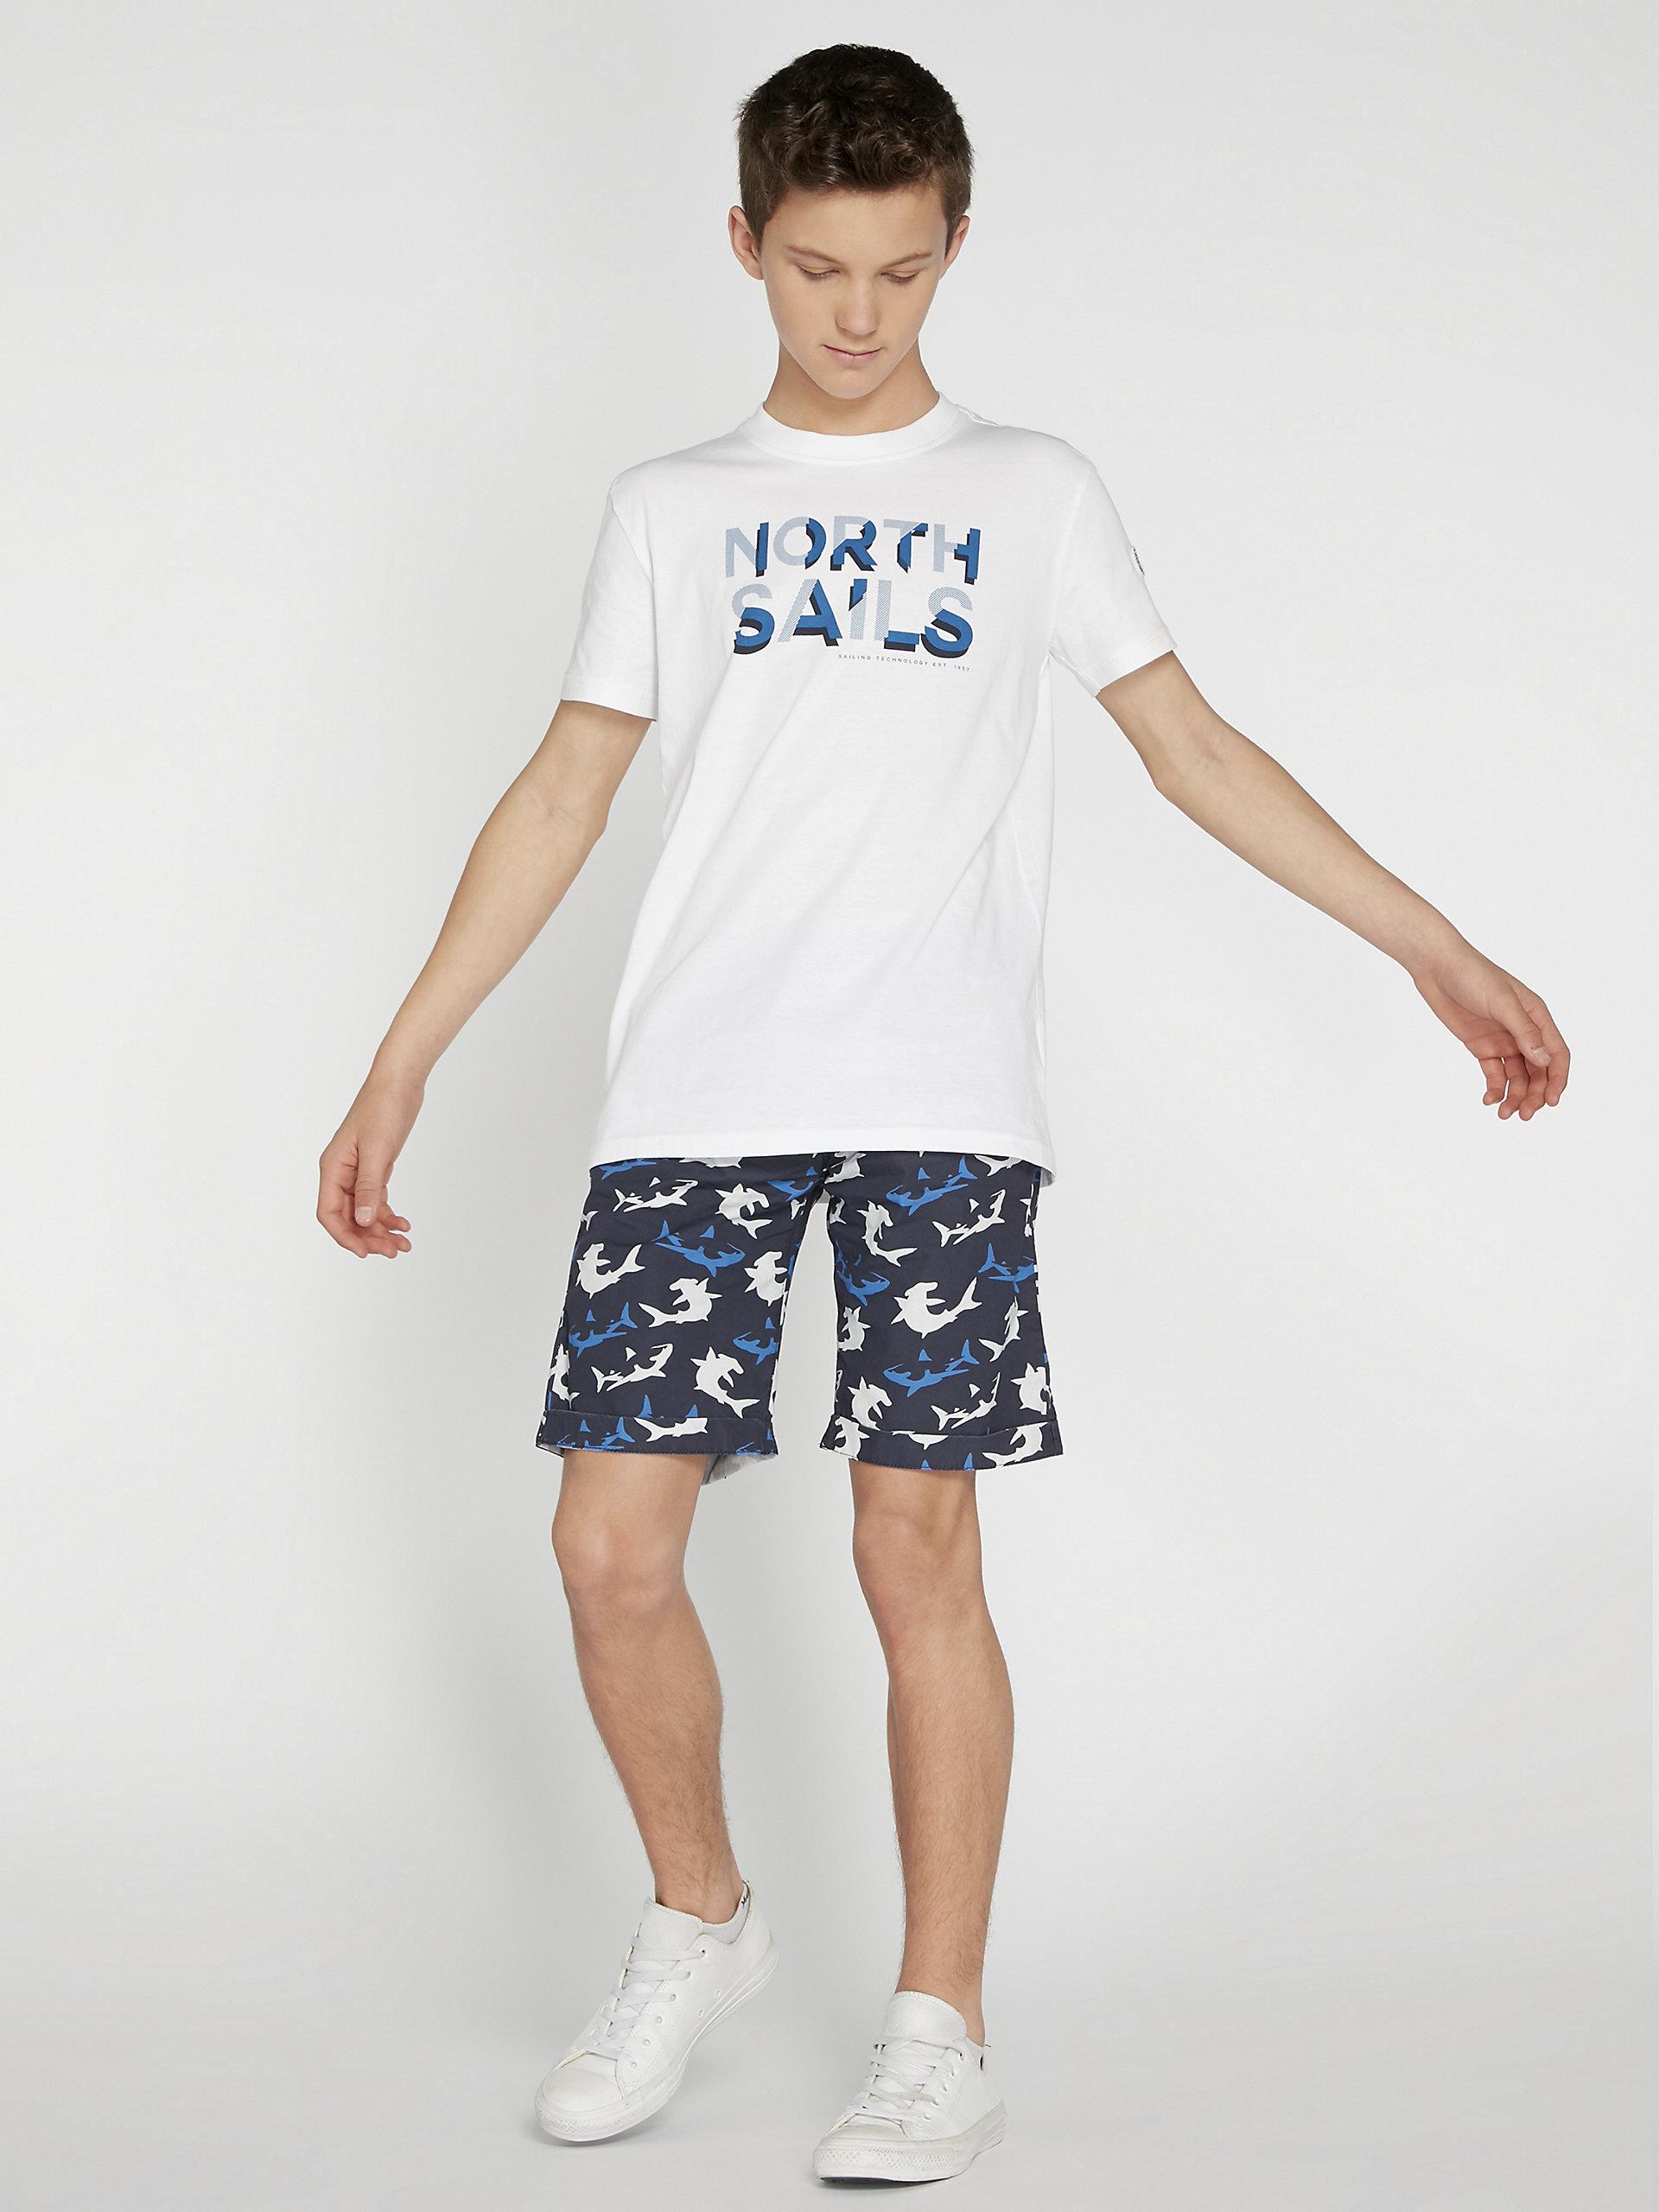 Ns-T-Shirt-T794526 miniatura 4